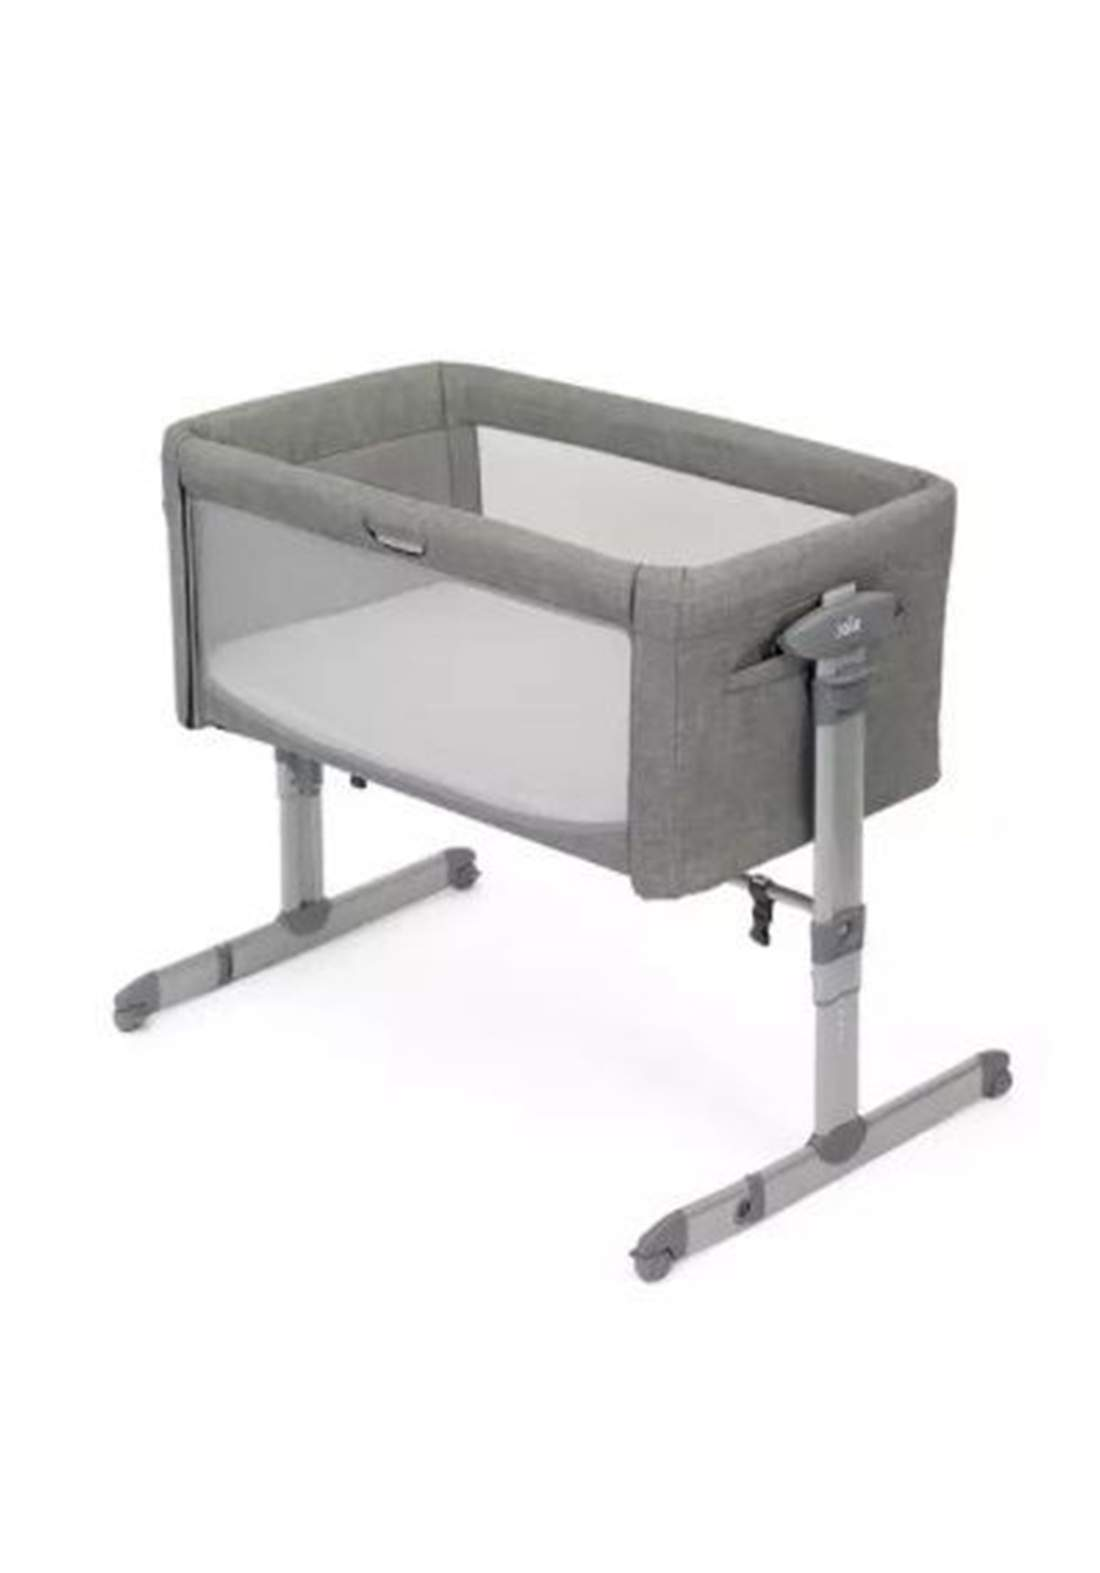 سرير نوم للاطفال Joie Baby P1814AAFGY000 Roomie Glide 5 Piece Bedside Crib Nursery Bundle - Foggy Grey